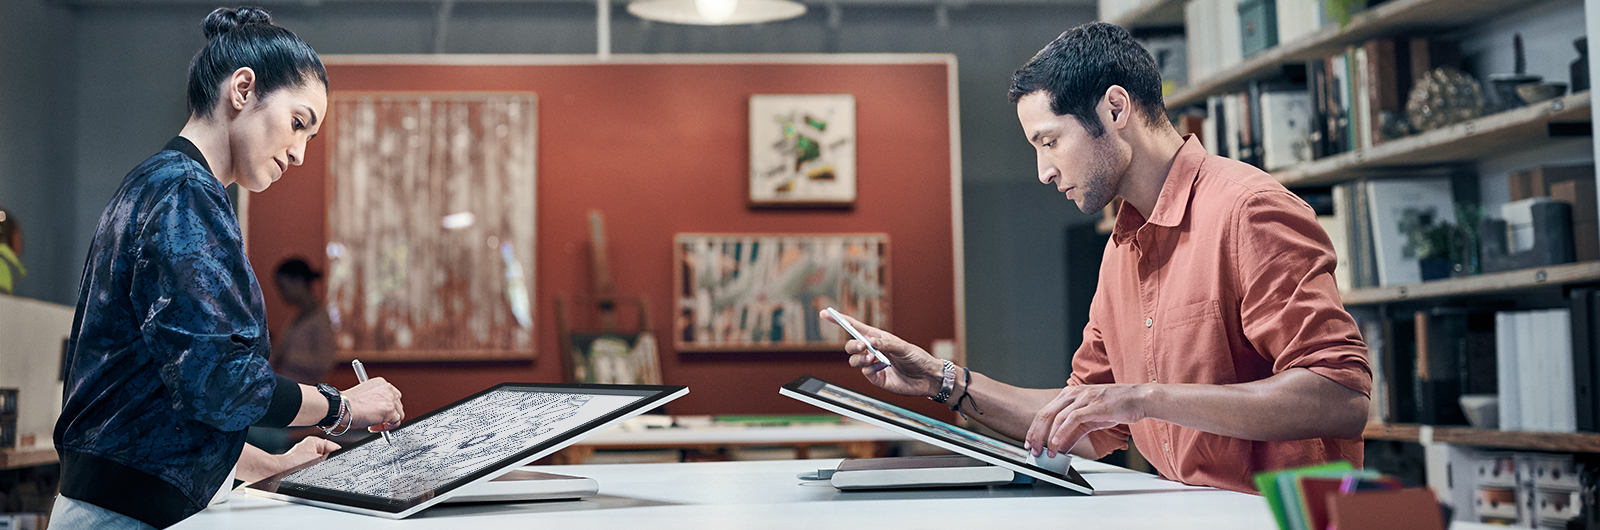 digital-workplace-hero